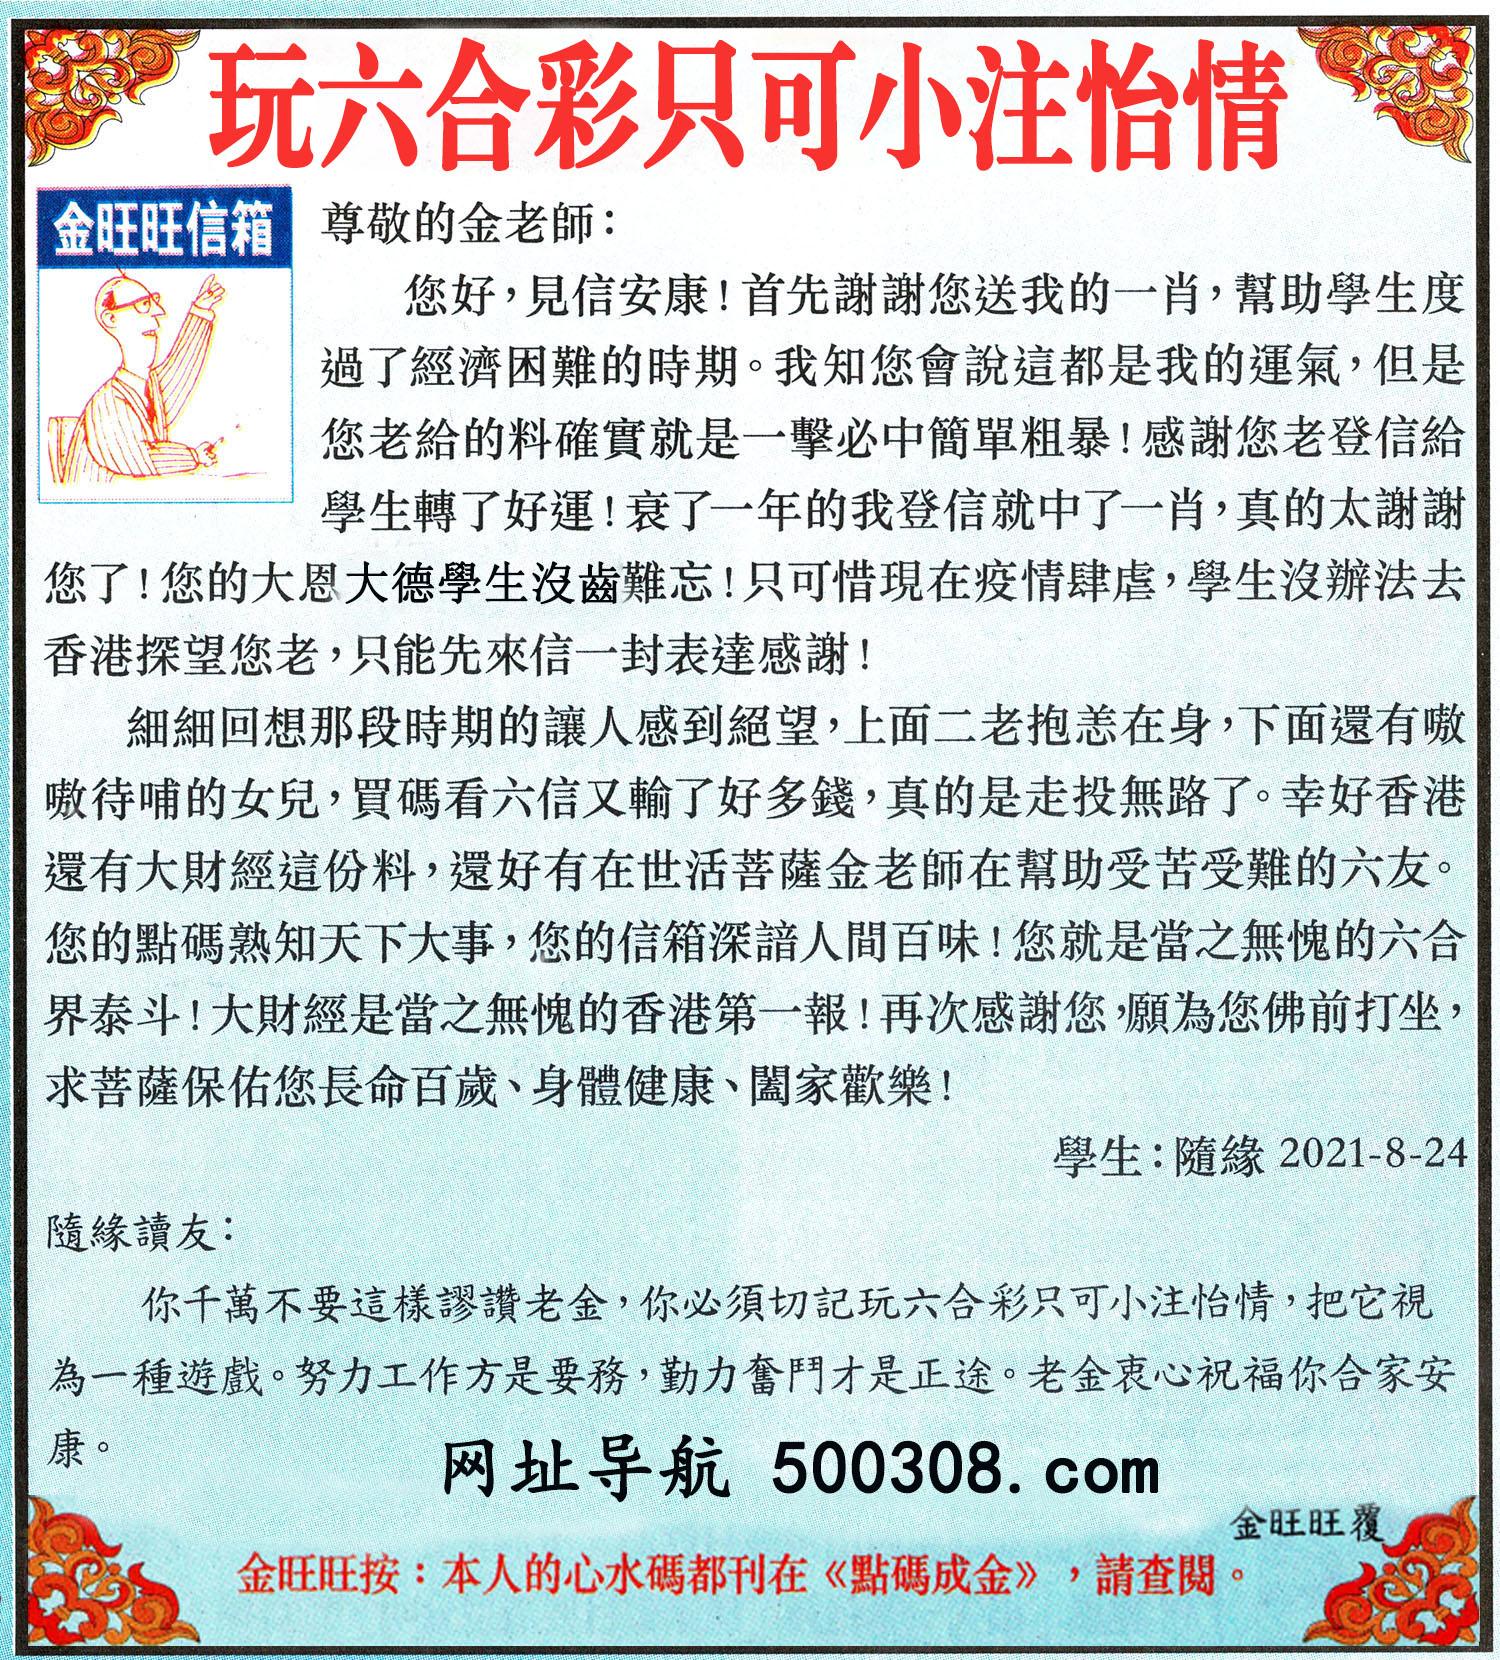 086期:金旺旺信箱彩民推荐→→《玩六合彩只可小注怡情》